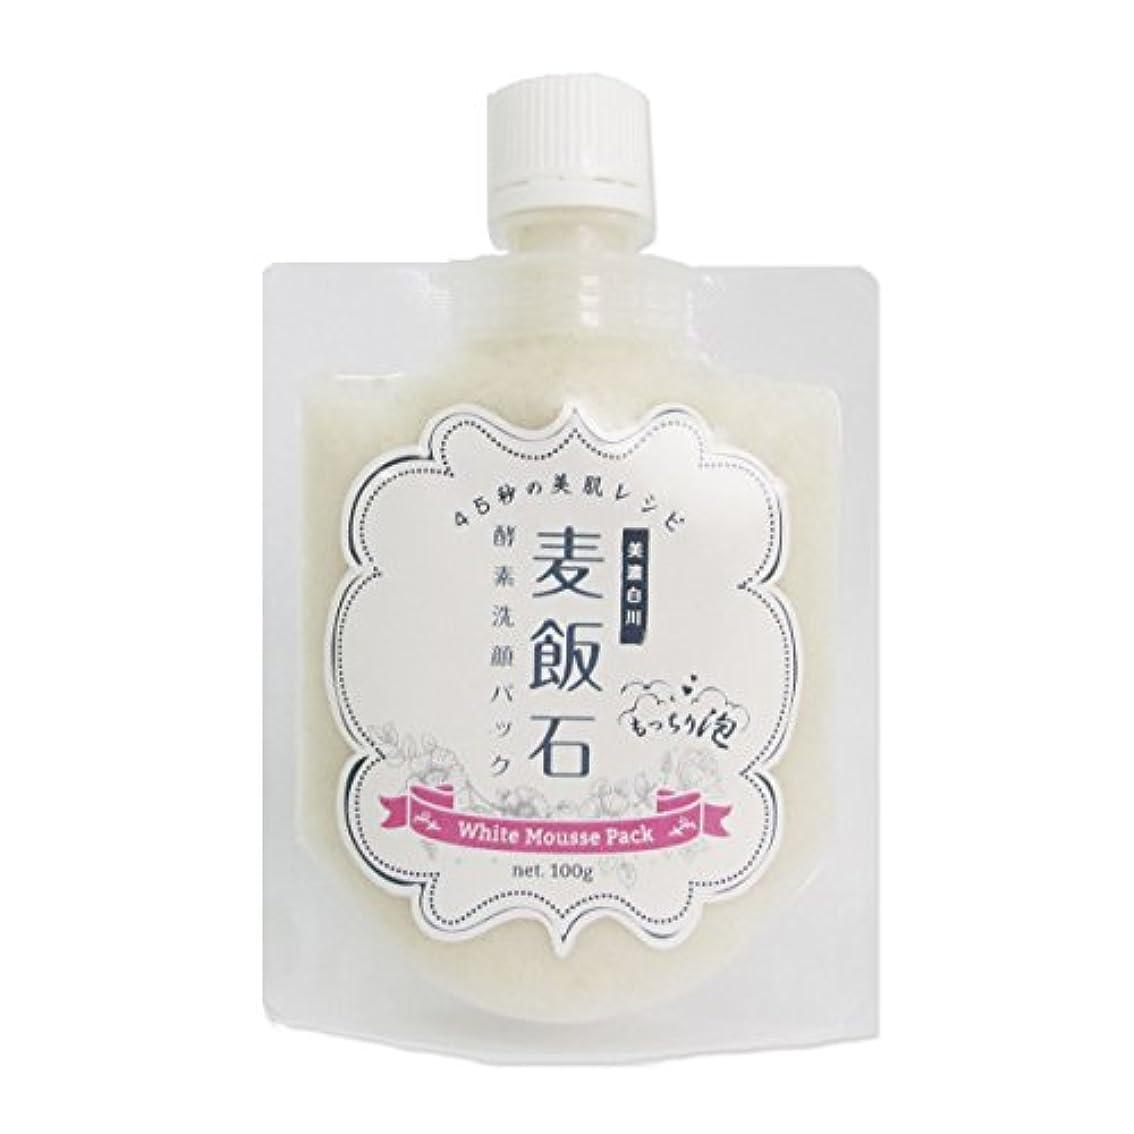 奇妙な石アレンジシミ 洗顔 泡 洗顔フォーム ホワイトムースパック